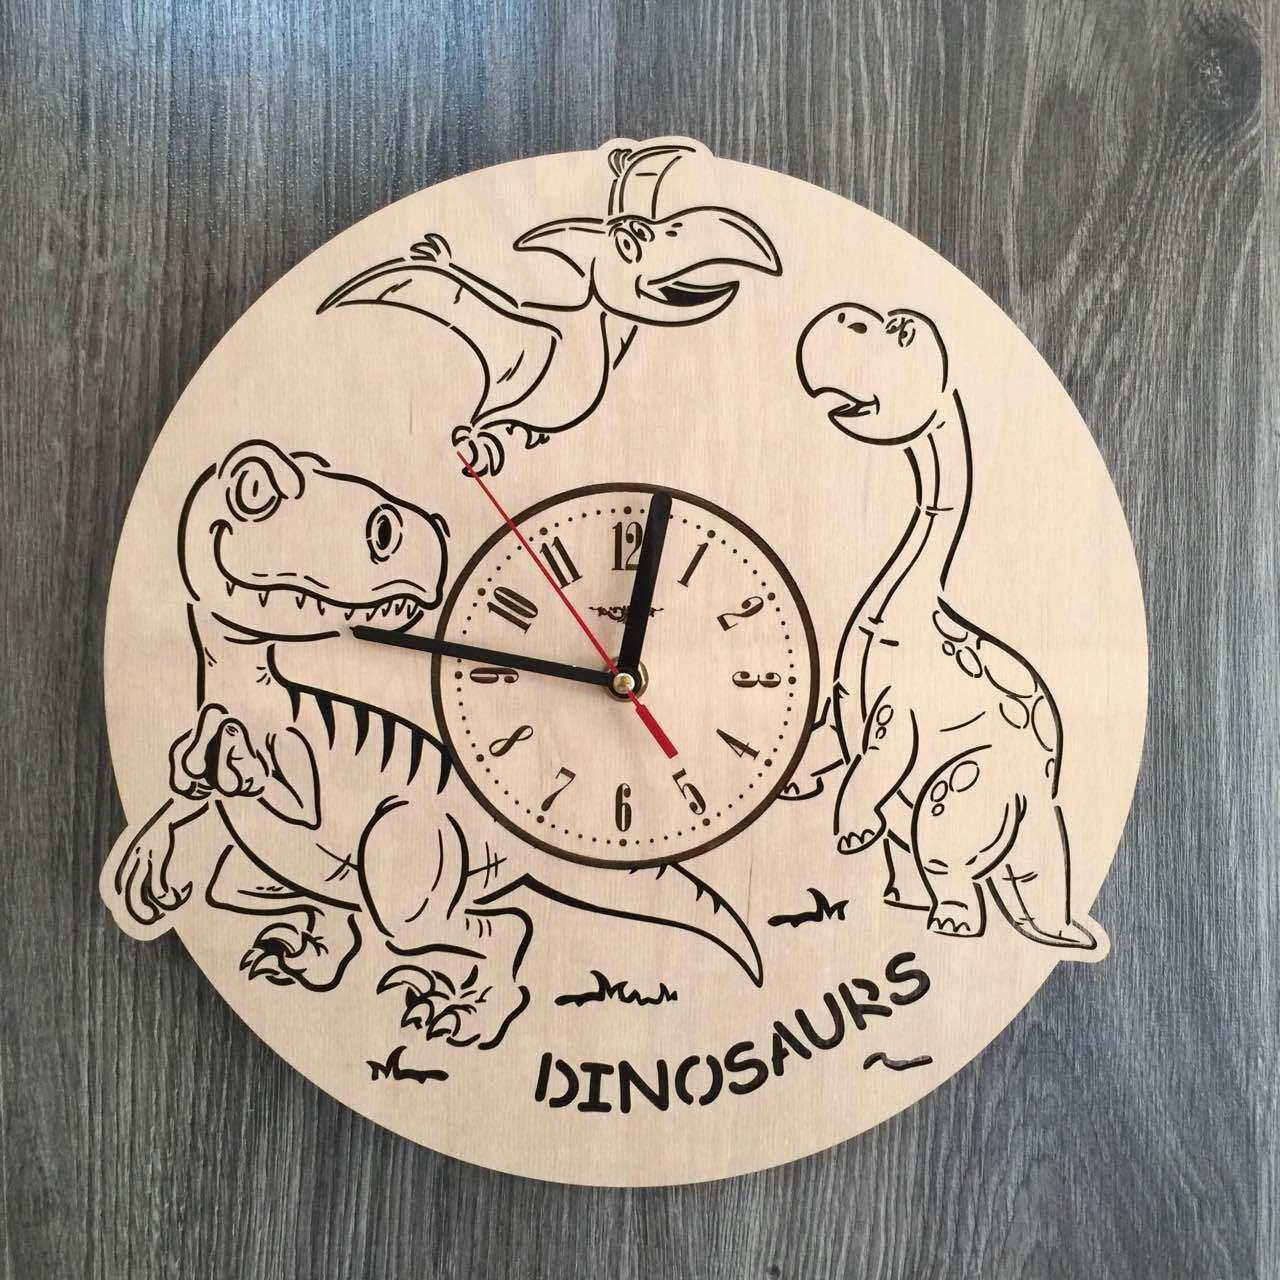 Детские дизайнерские часы из дерева 7Arts Динозавры CL-0156